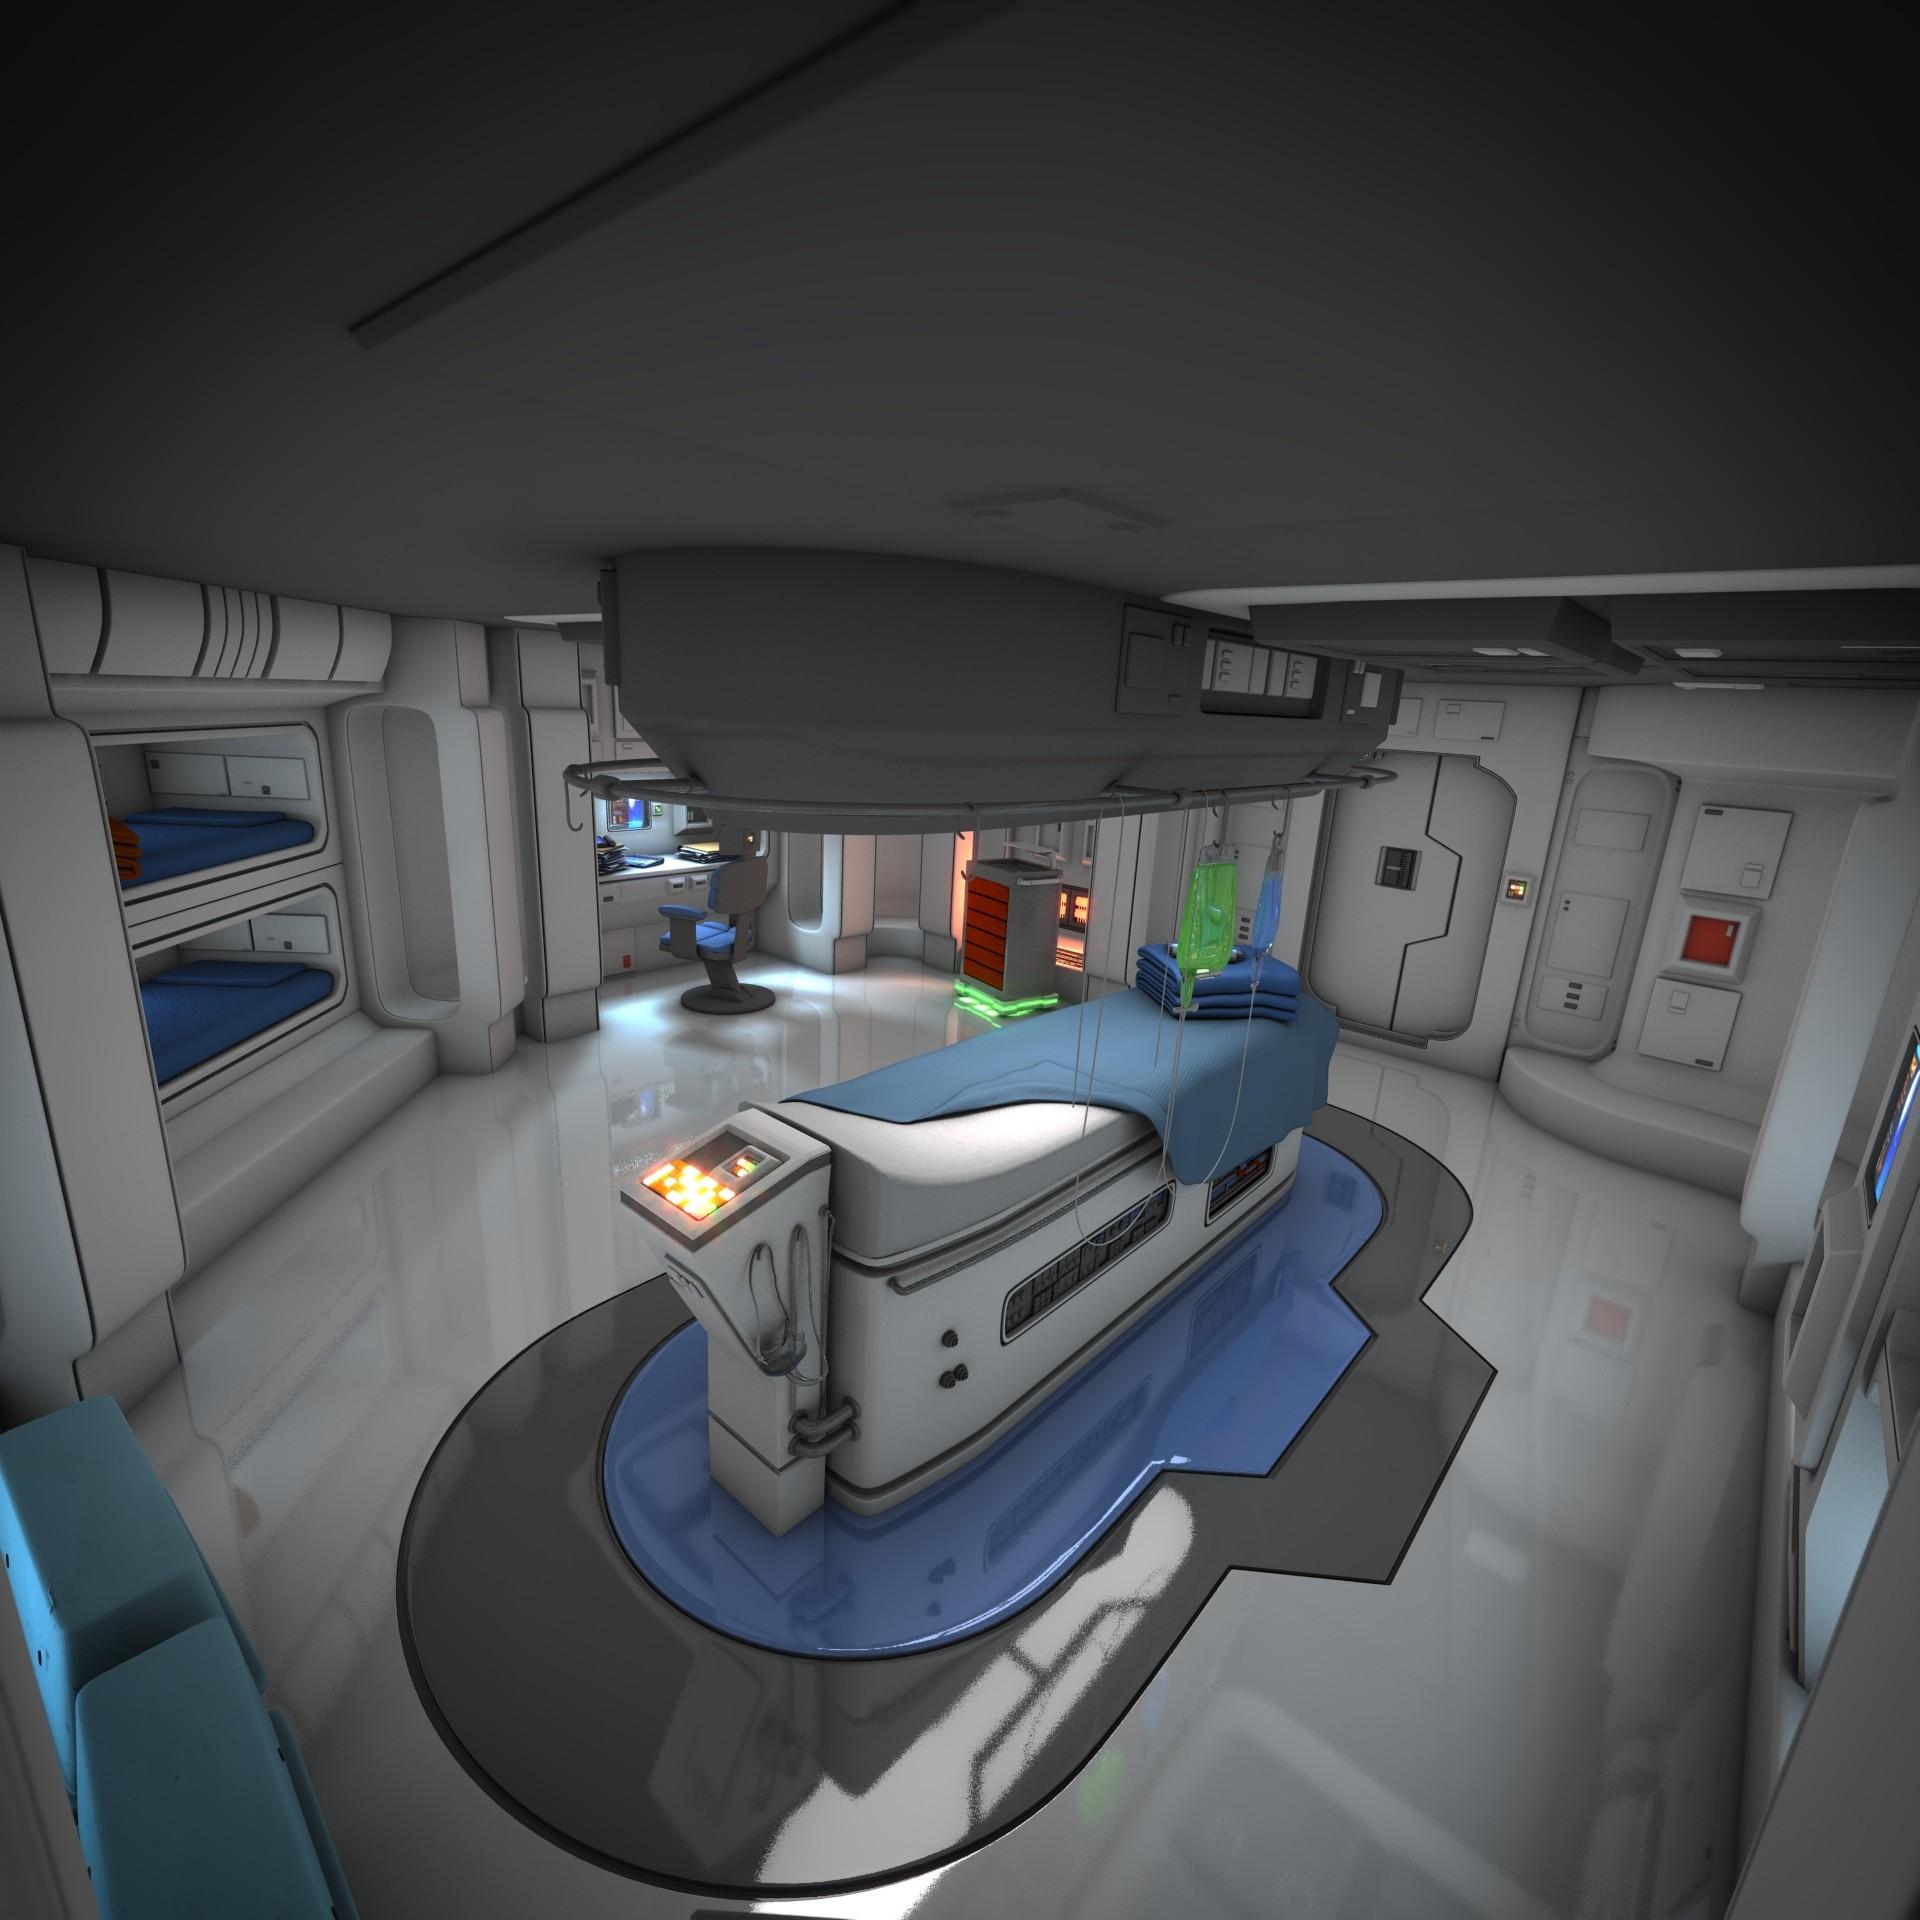 interior3_1.jpg